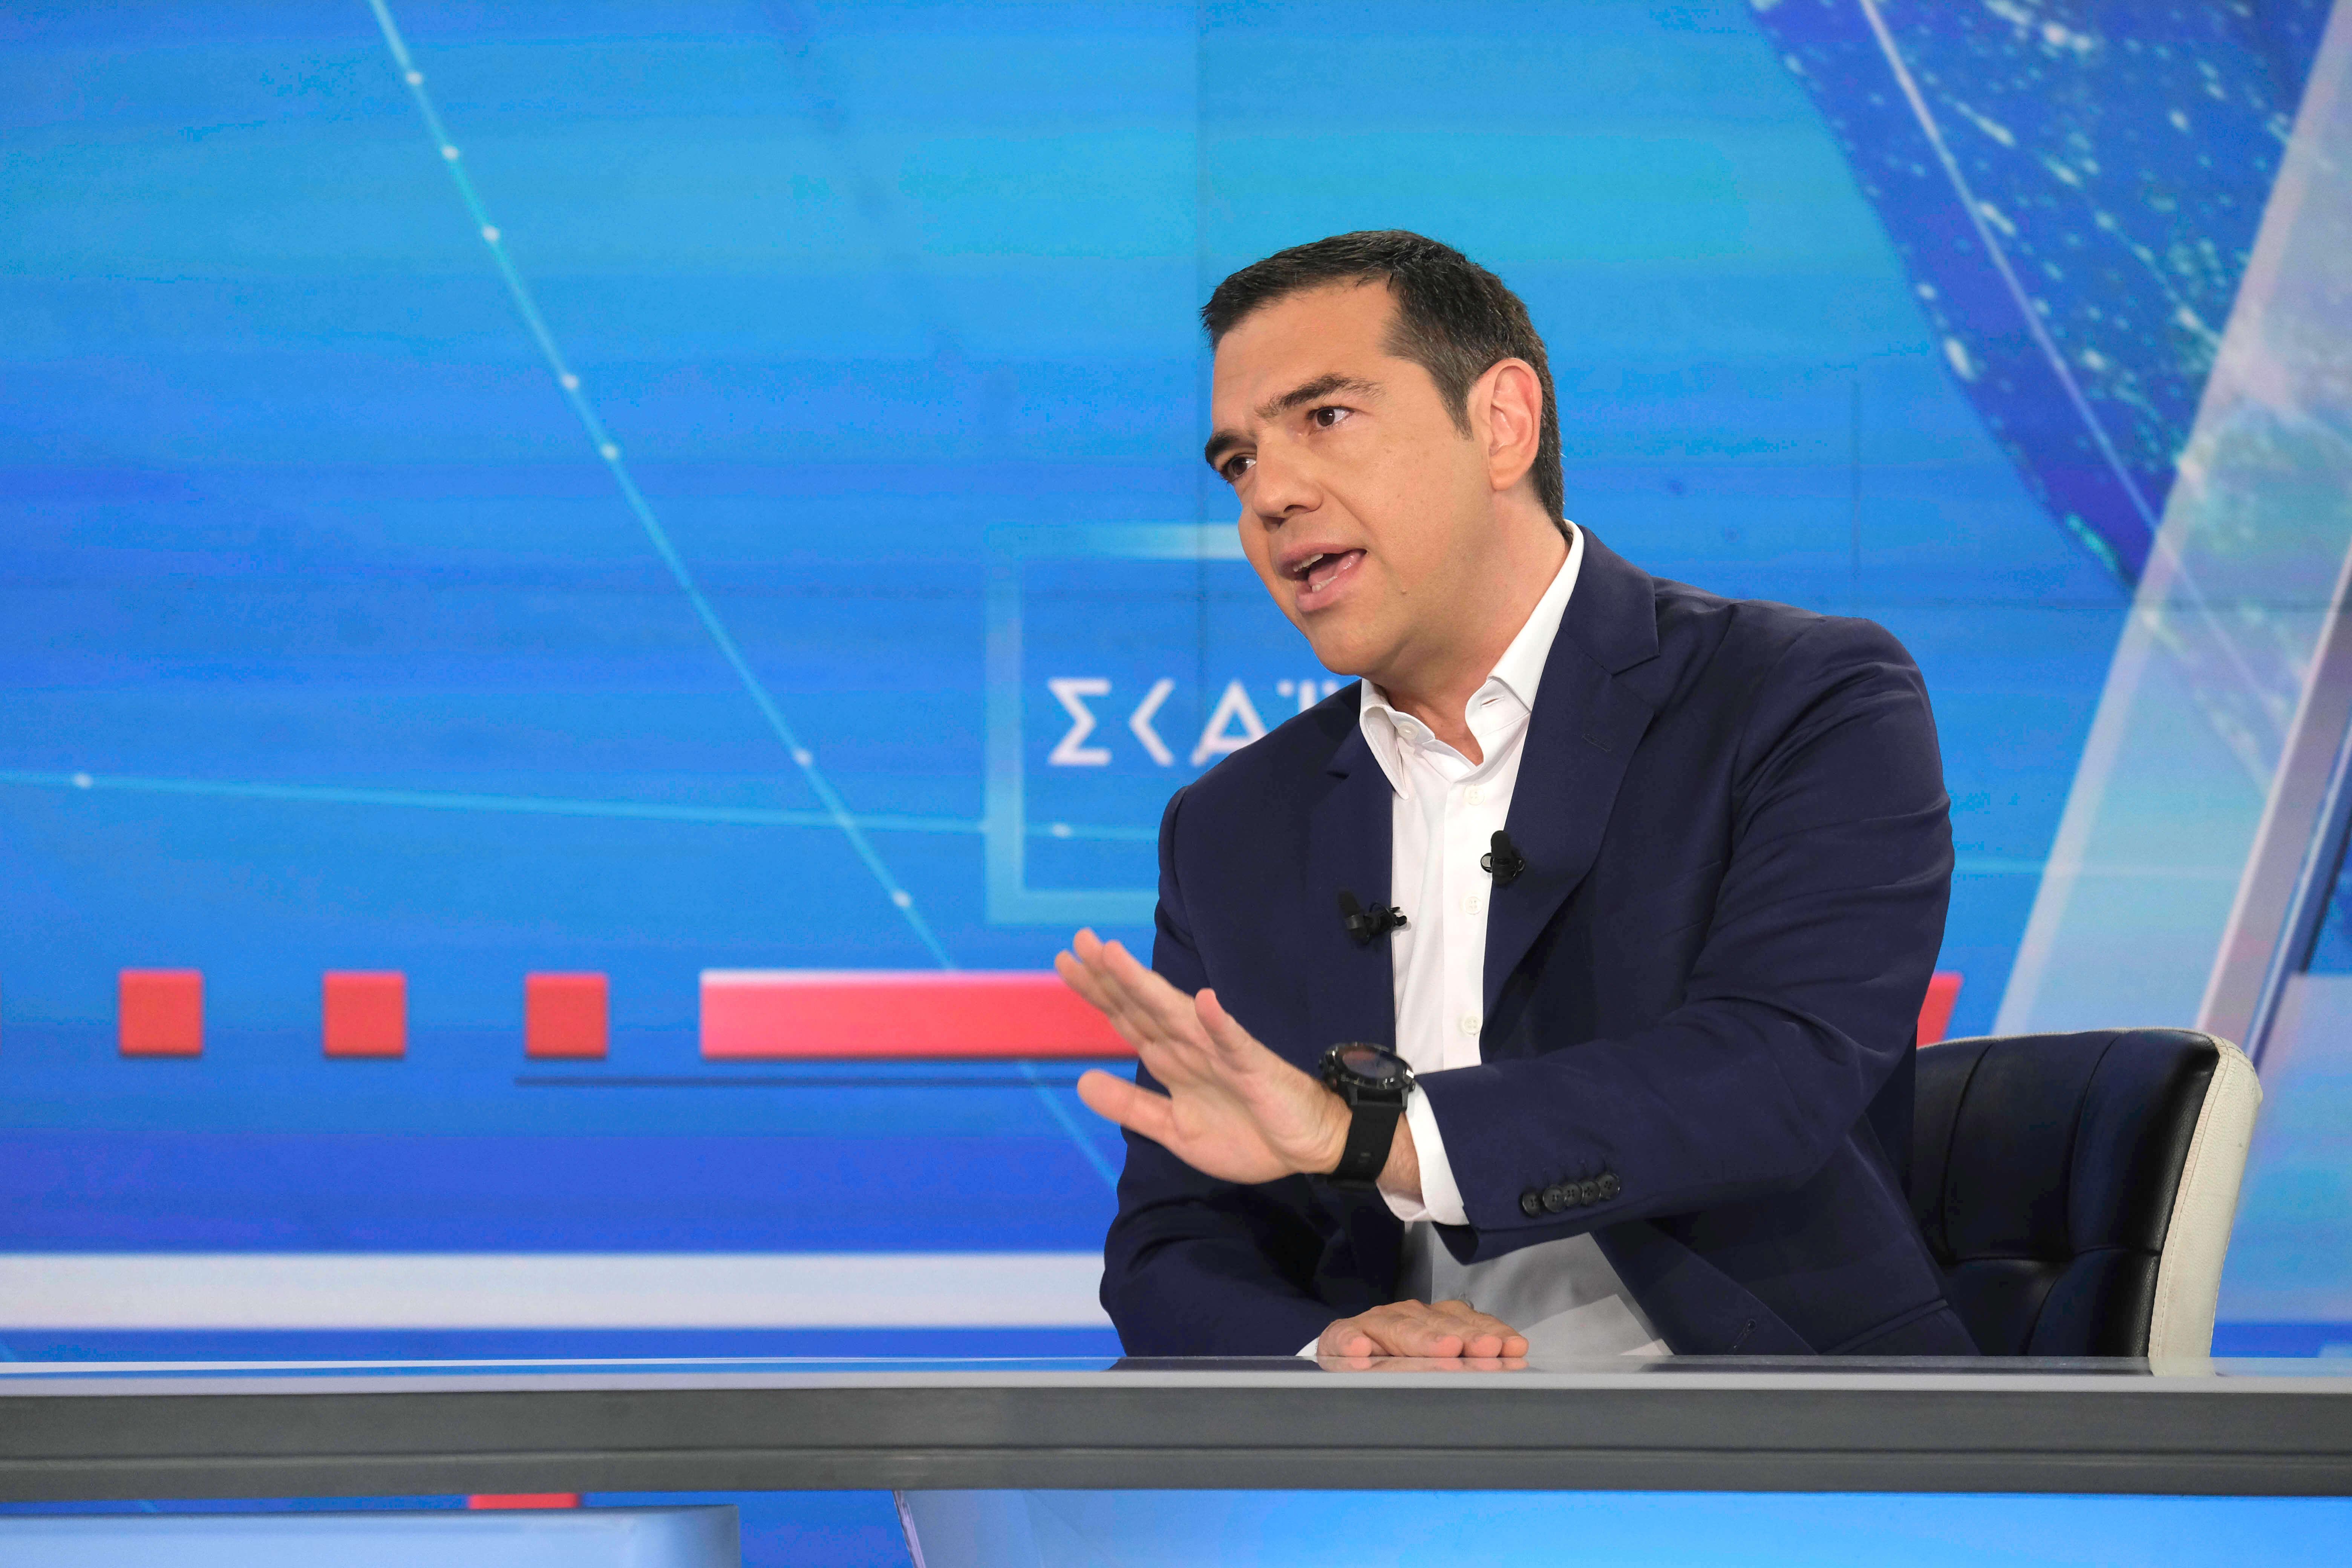 """Εκλογές 2019: Πως """"είδαν"""" στην κυβέρνηση τη συνέντευξη Τσίπρα στον ΣΚΑΙ"""